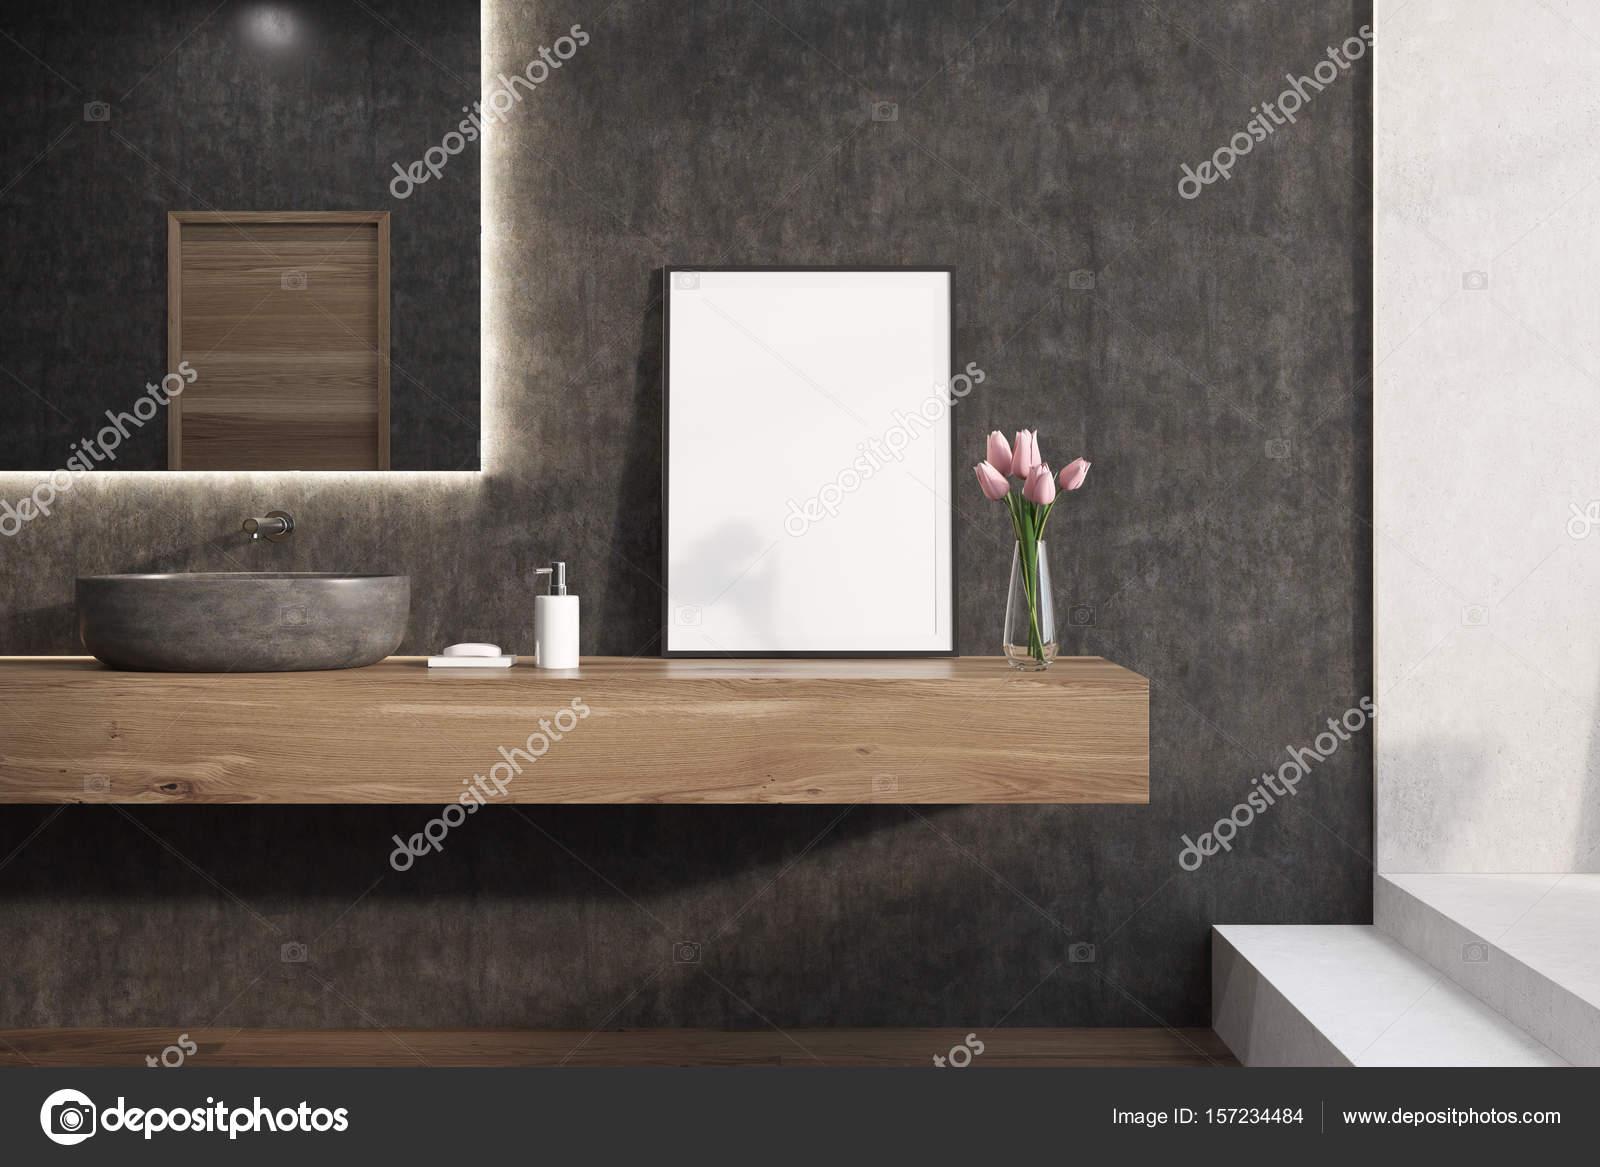 Salle De Bain D'Exposition Vente ~ Miroir Sur Un Mur De Salle De Bain Noir Affiche Photographie